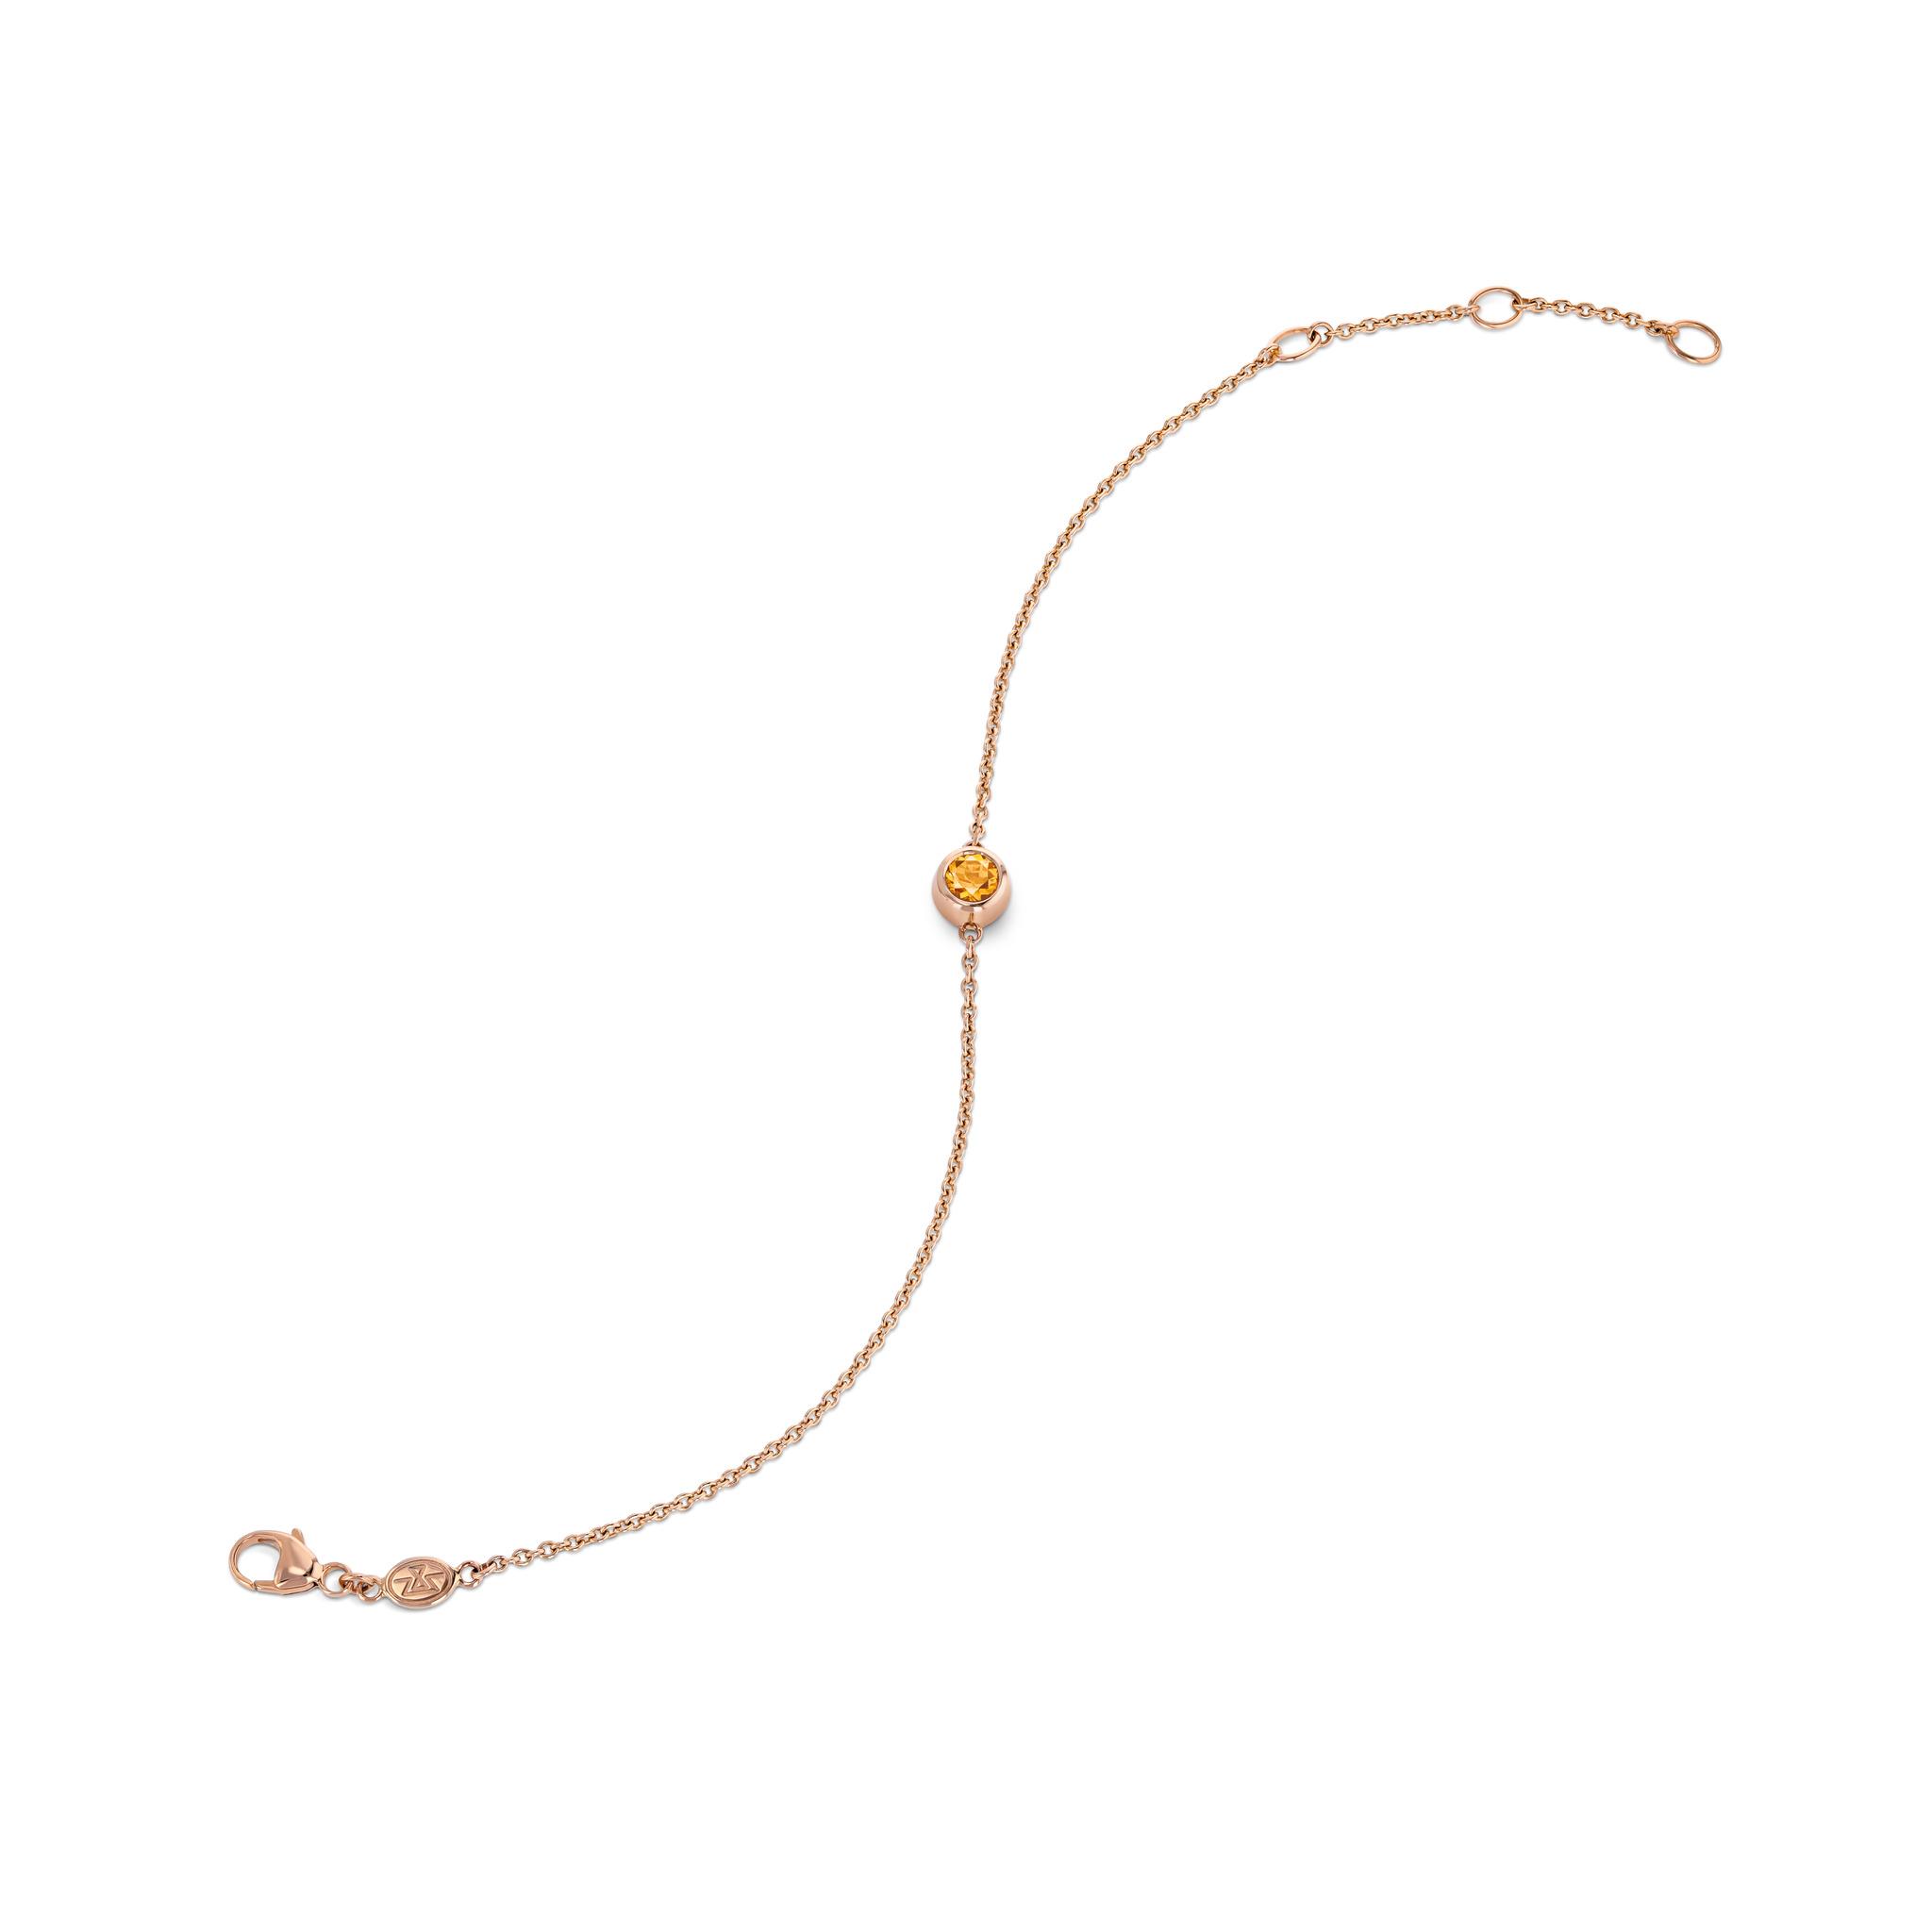 Bracelet with fire opal